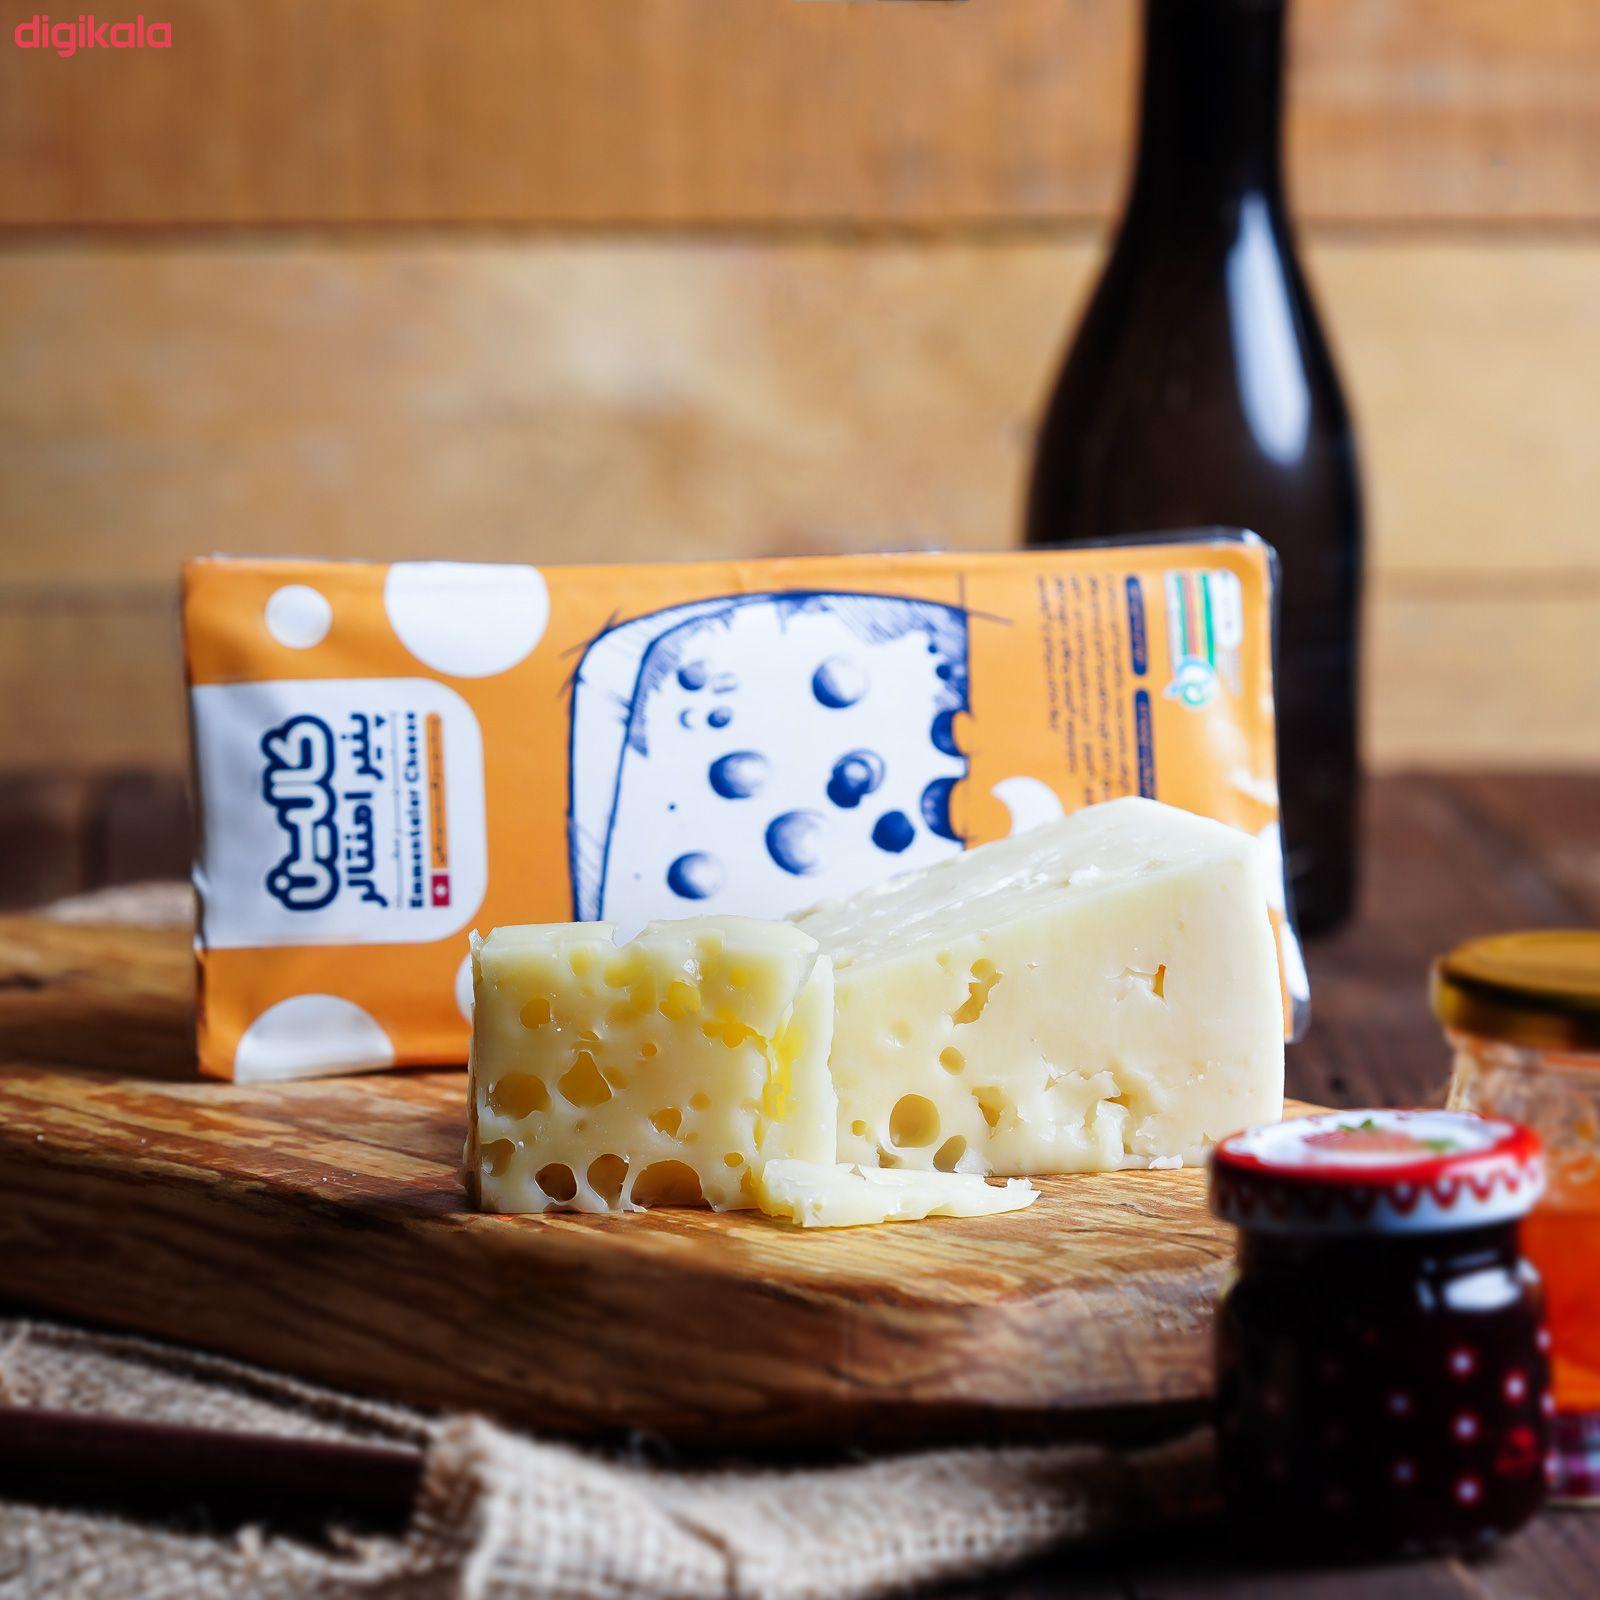 پنیر امنتالر کالین - 200 گرم  main 1 1